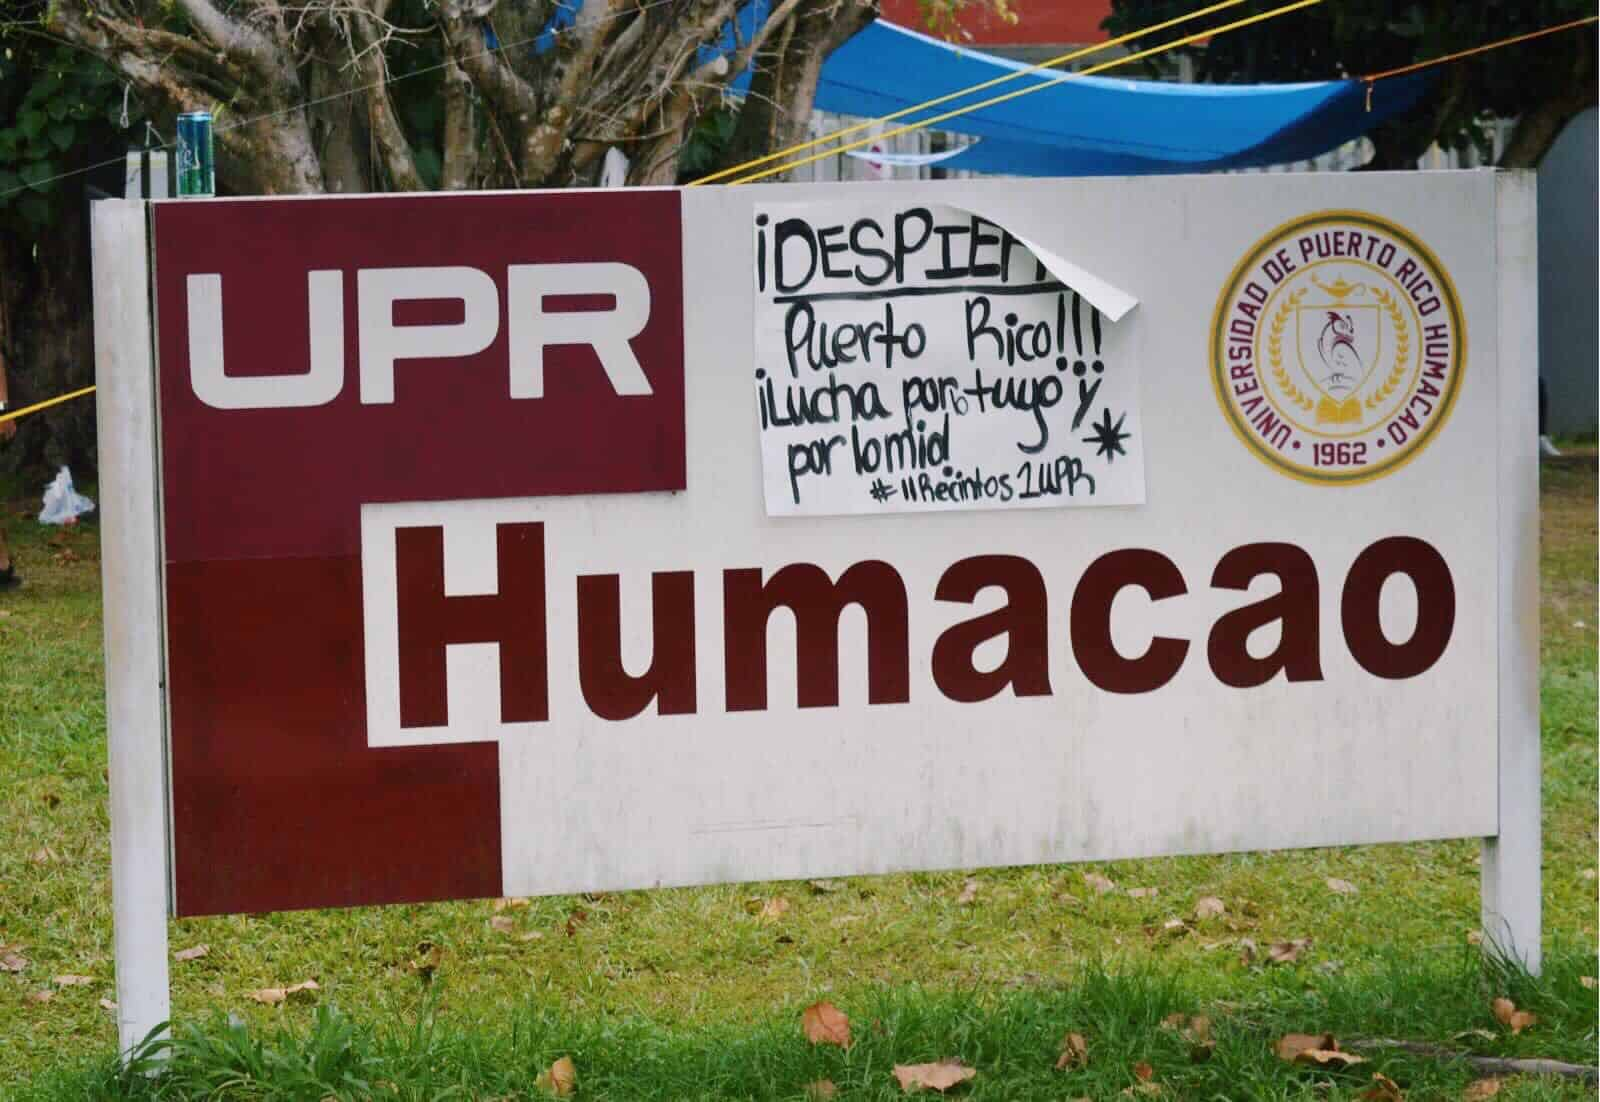 Excepcional Reanudar Clases San Diego Galería - Ejemplo De ...